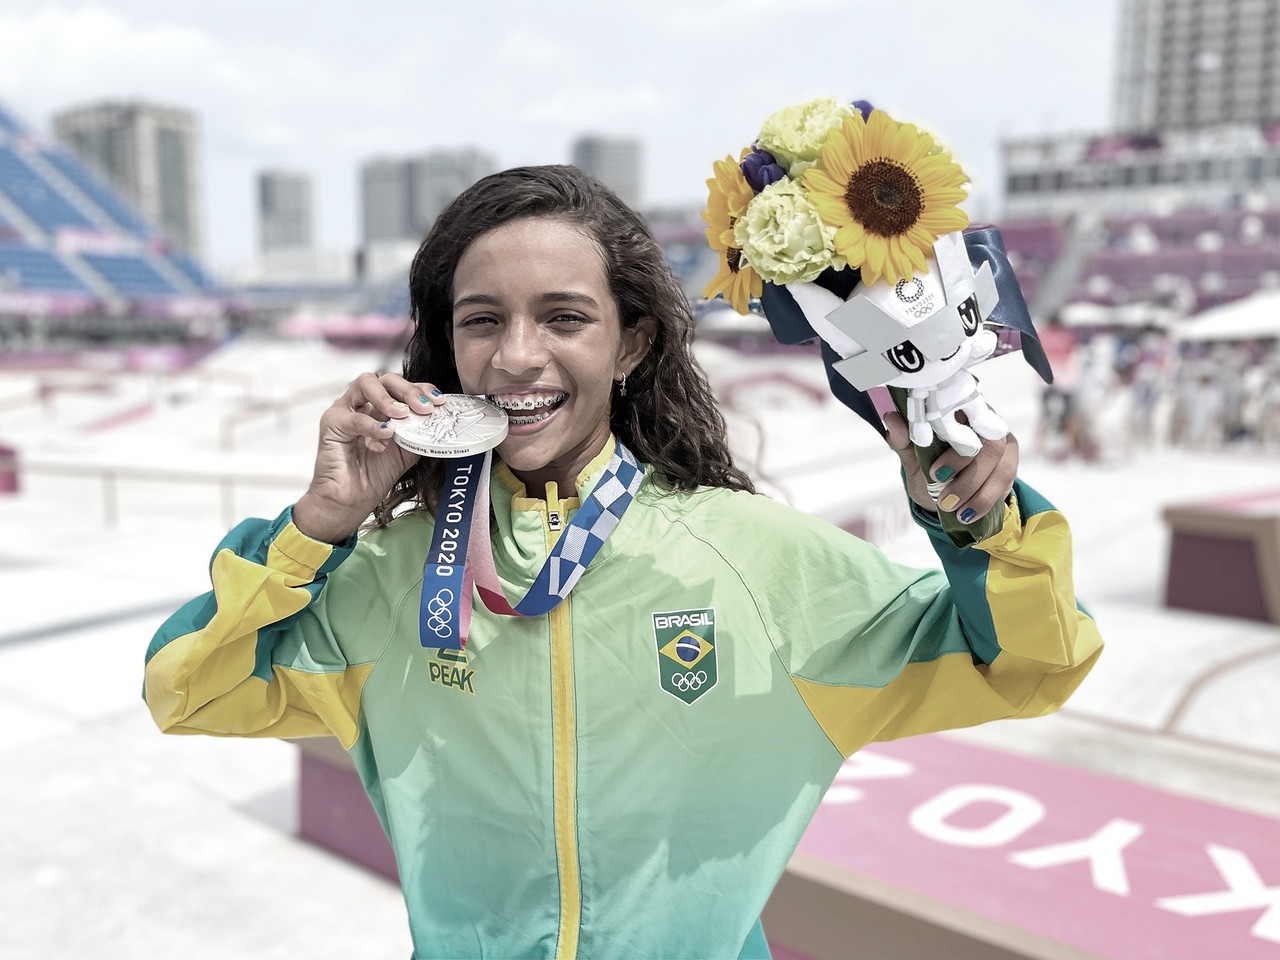 É prata! Aos 13 anos, Rayssa Leal se torna a medalhista brasileira mais jovem da história olímpica